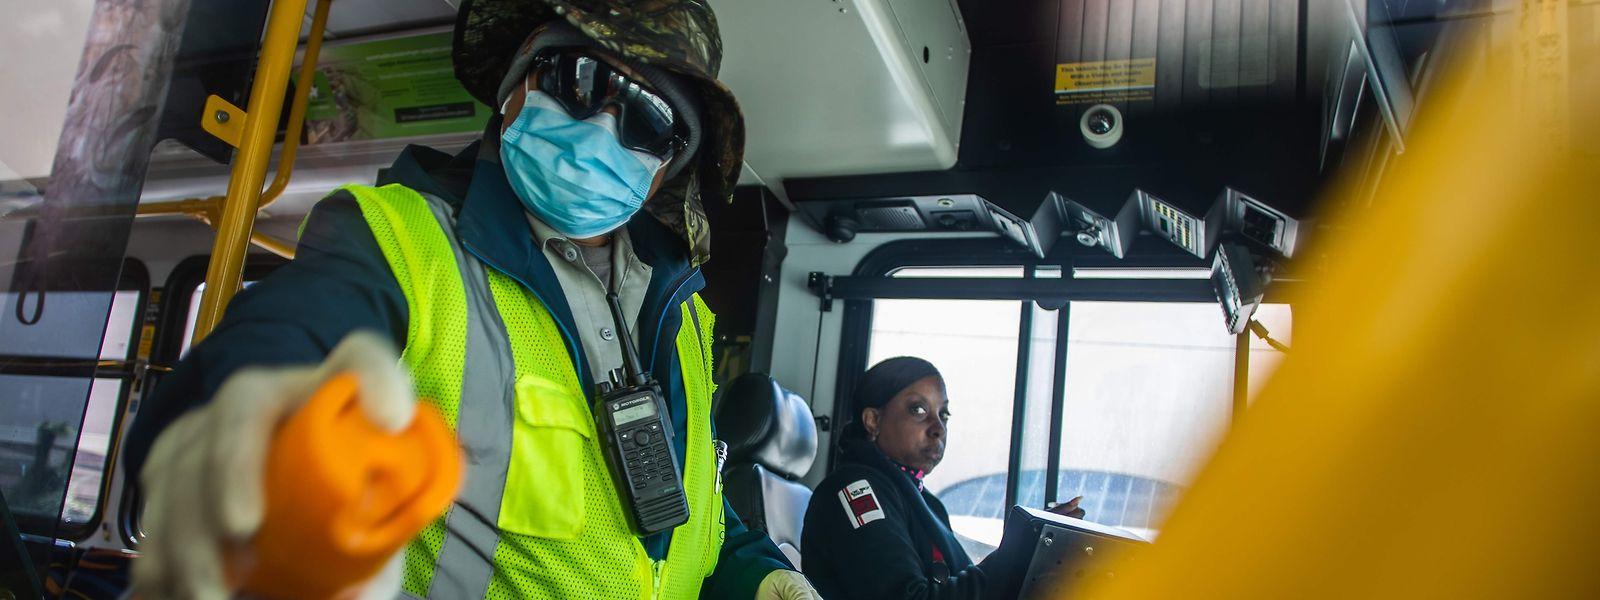 Les Etats-Unis sont en passe de devenir le nouvel épicentre de la pandémie.